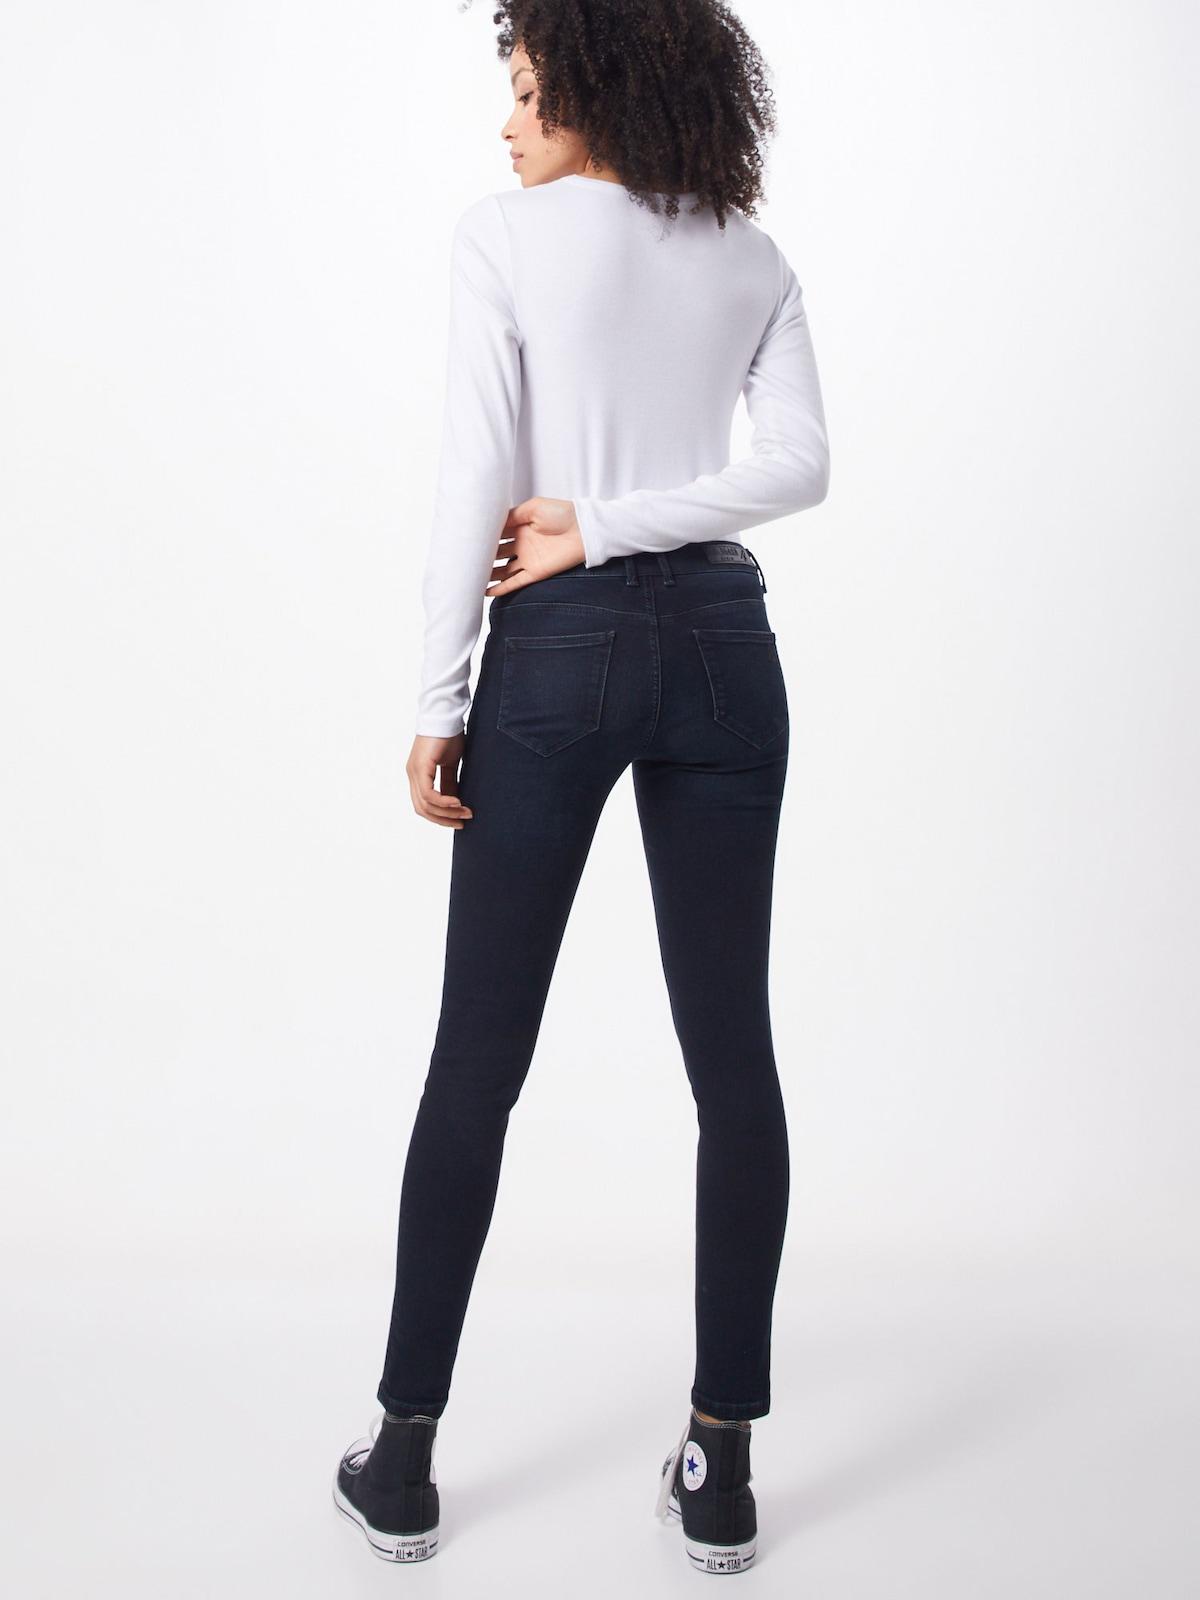 Beliebt Frauen Bekleidung Goldgarn Jeans 'Jungbusch' in blau Zum Verkauf